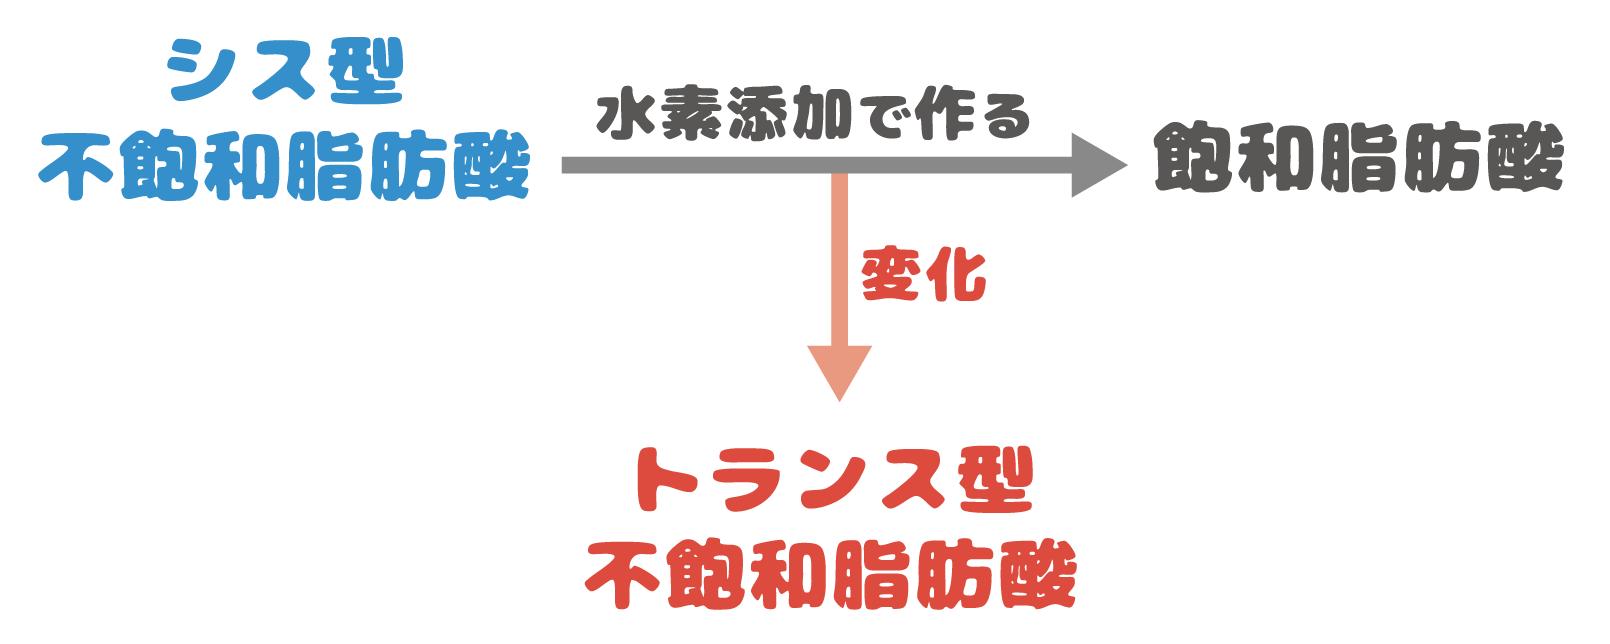 トランス型不飽和脂肪酸の作り方